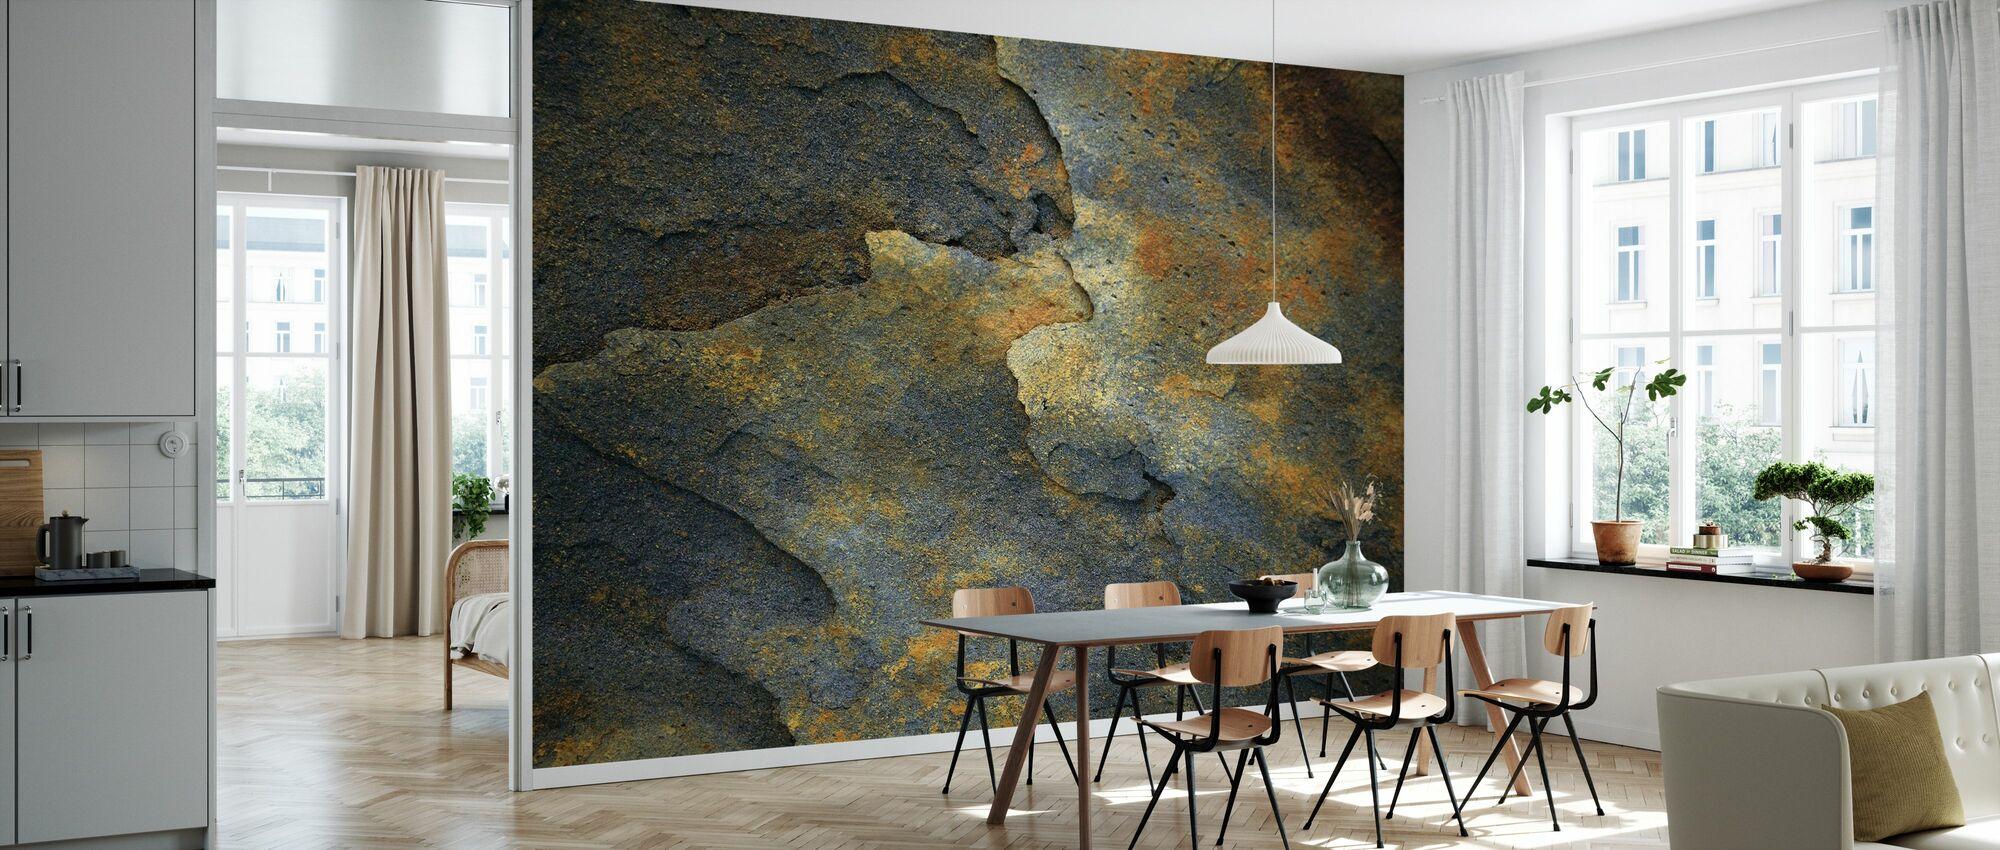 Mineral Rock - Tapet - Kjøkken